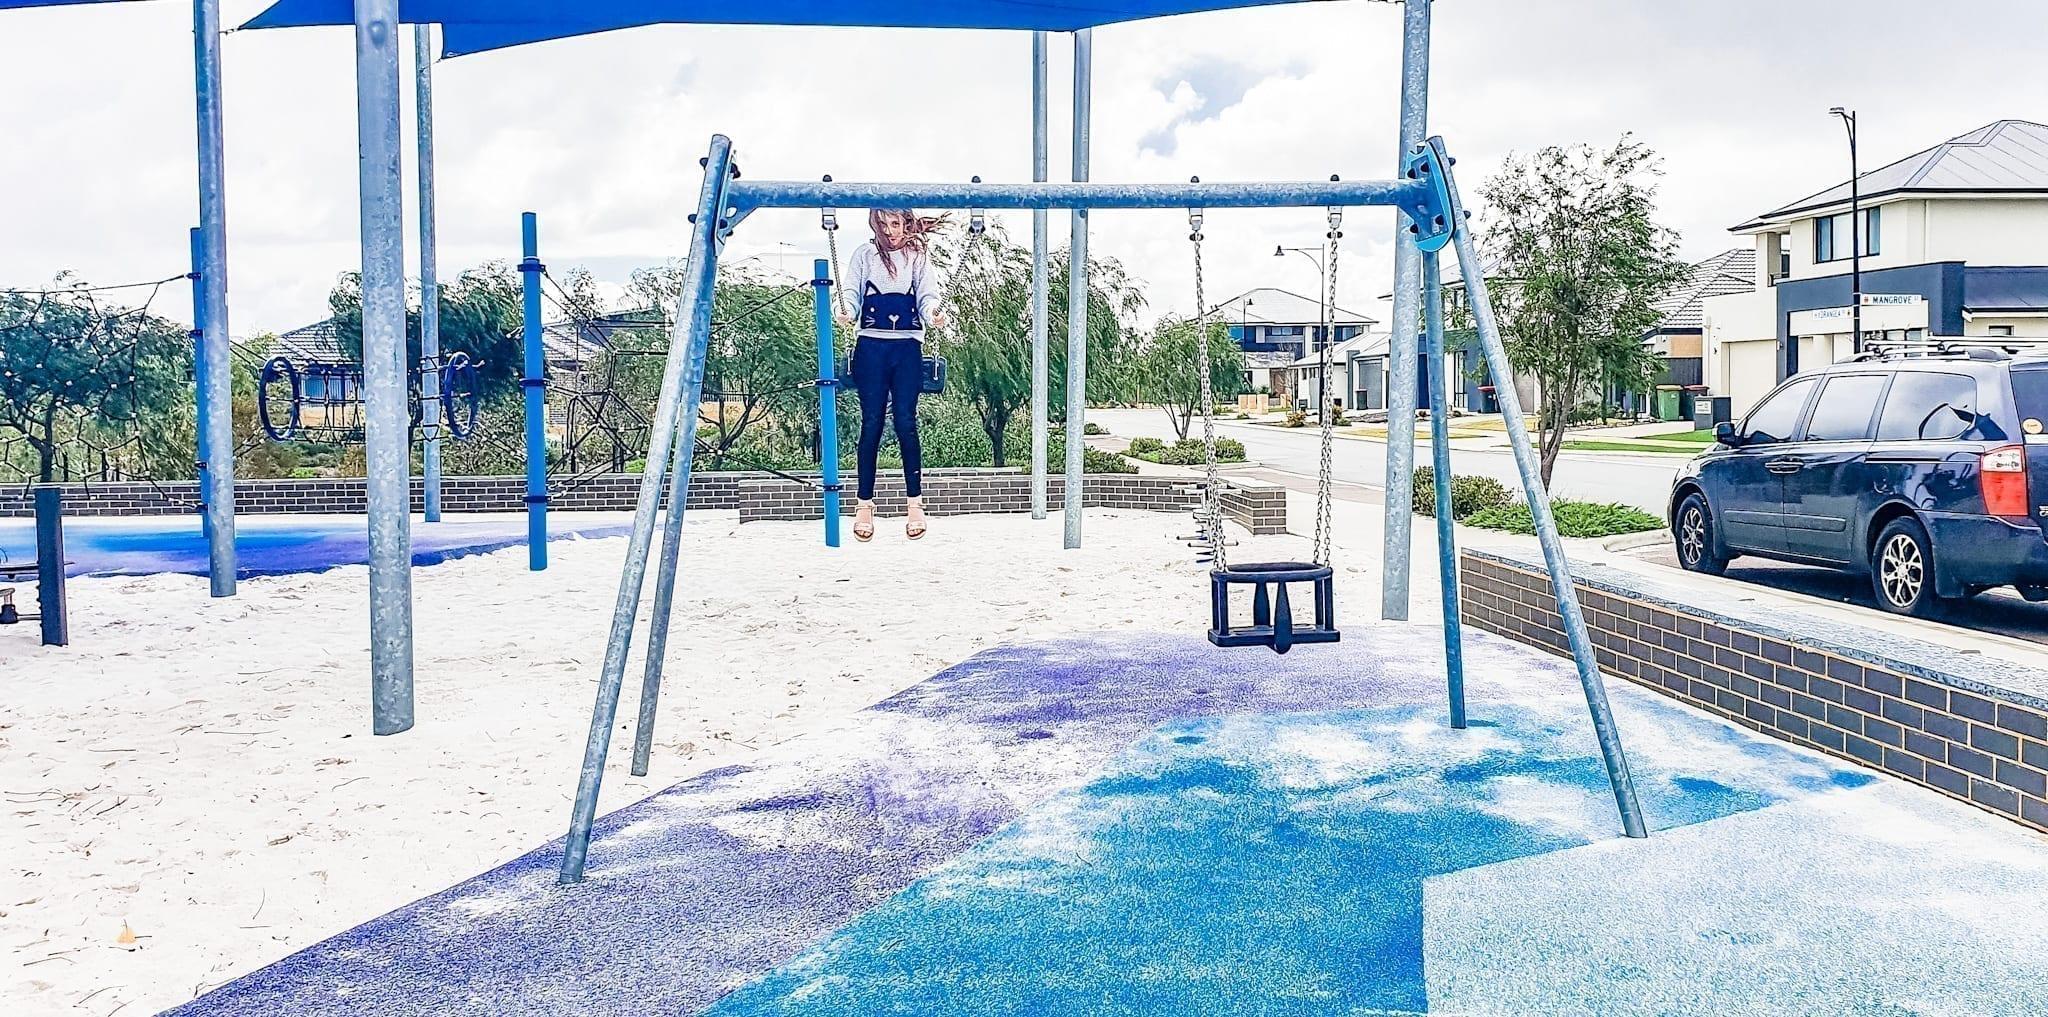 Calleya Grandis Playground